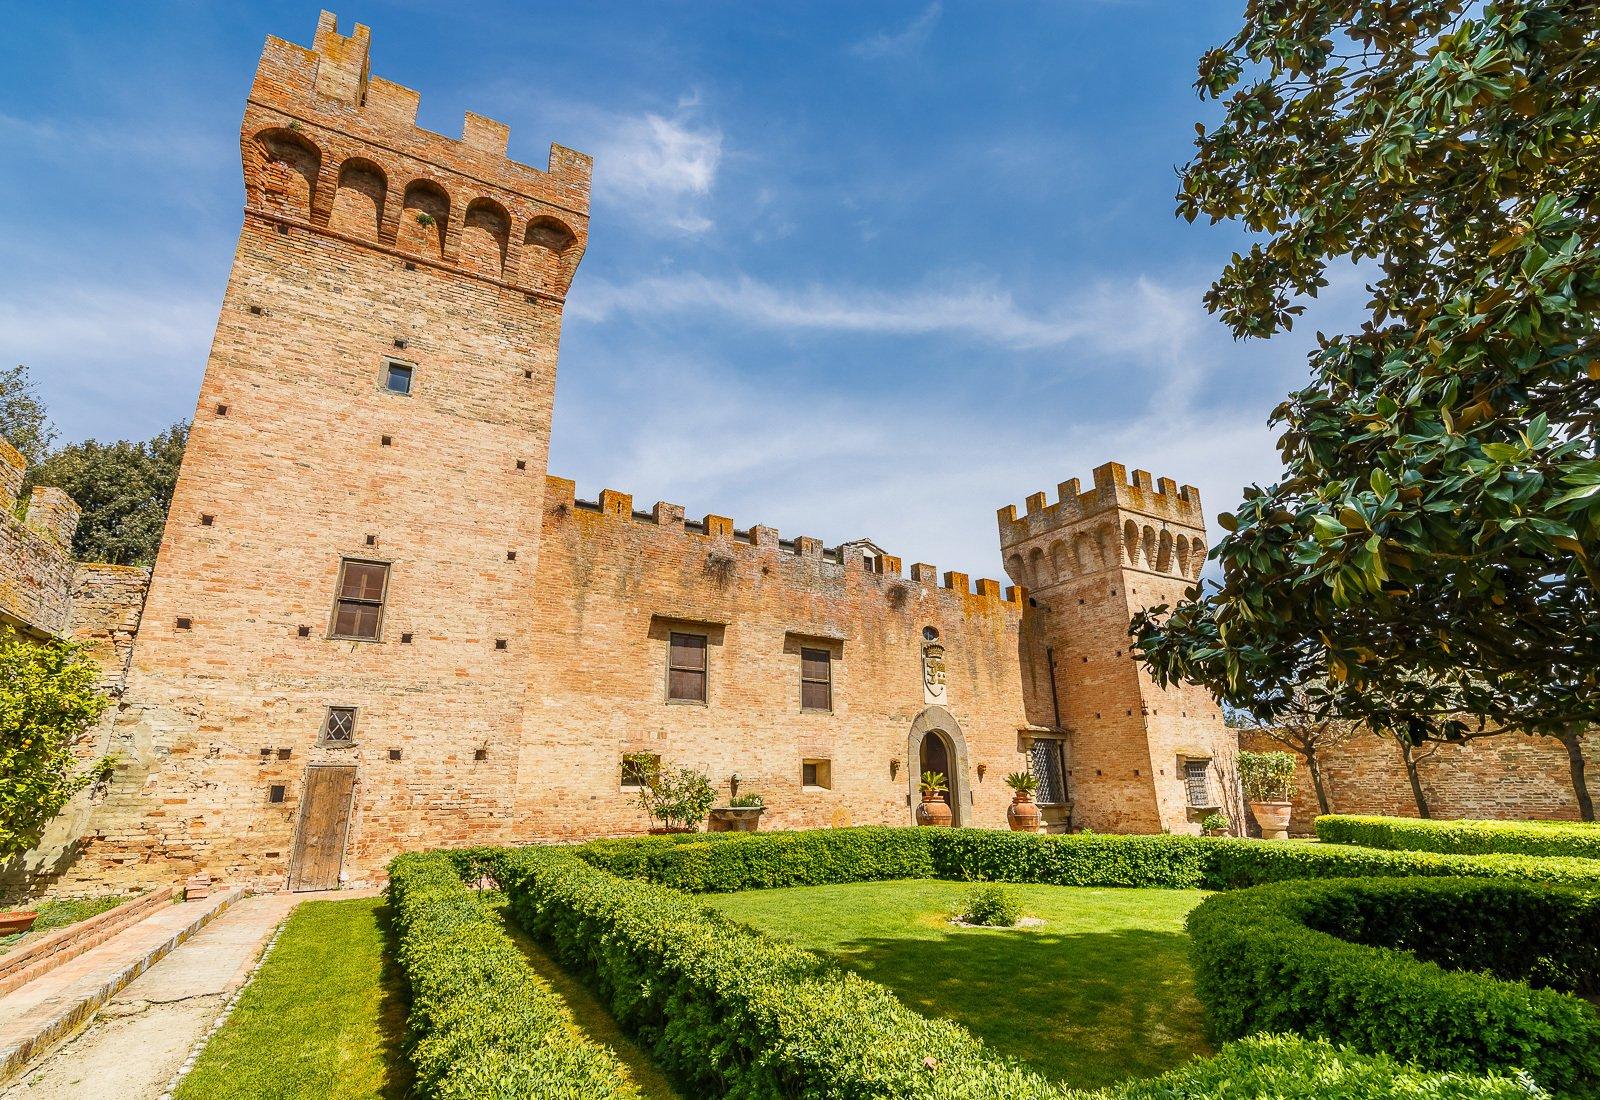 Brunelleschi castle for sale near Florence in Firenze